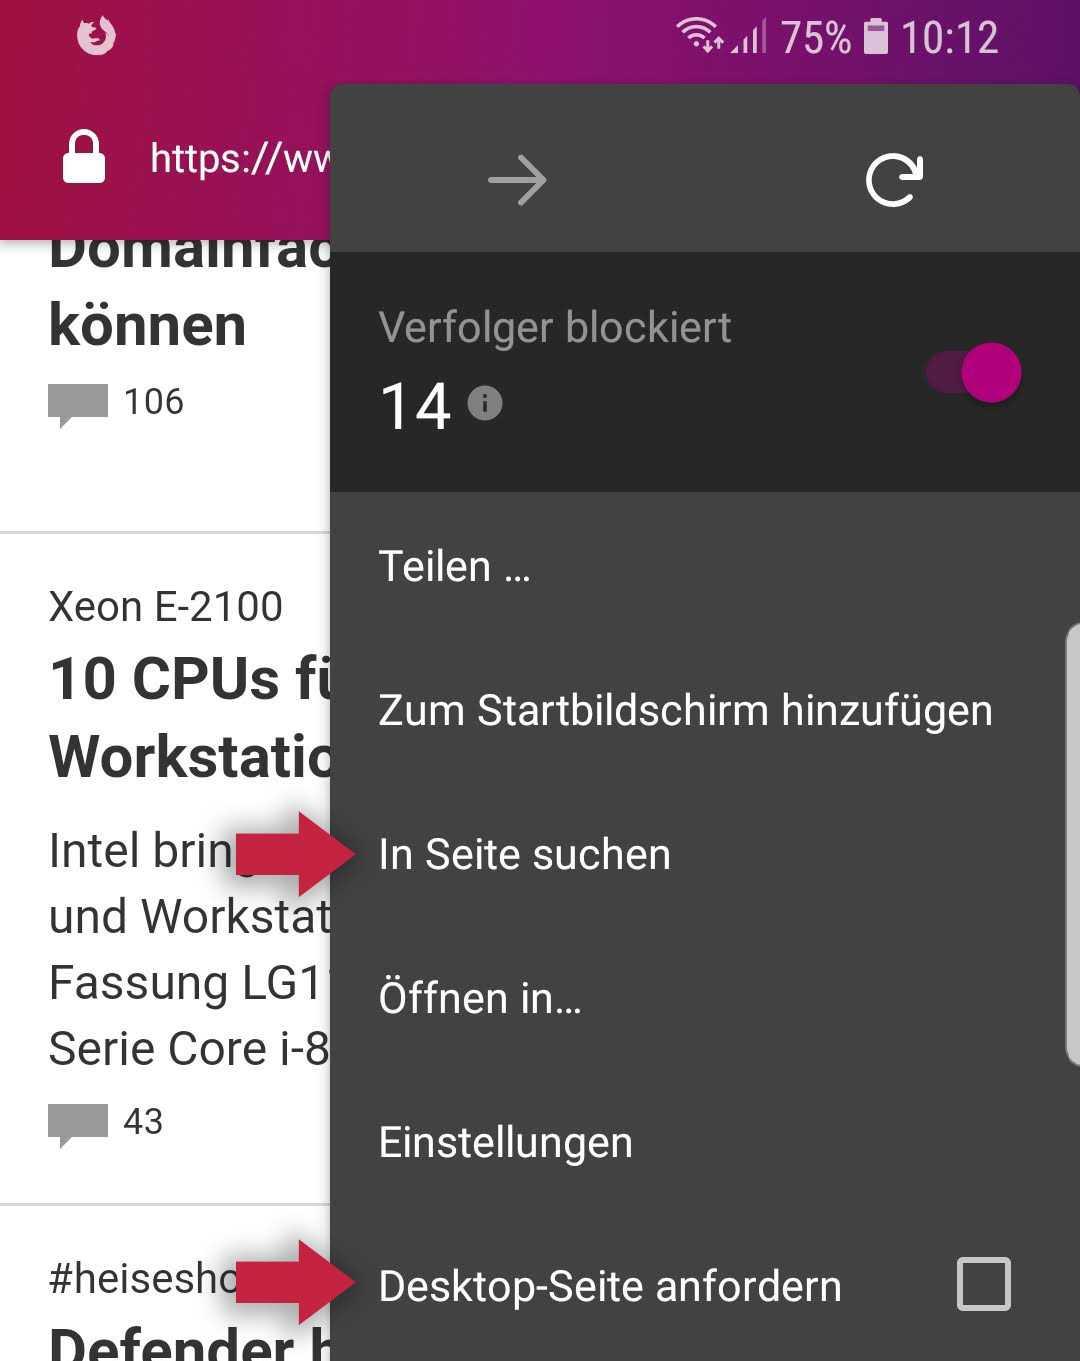 Firefox Klar kann nun Seiten durchsuchen und Desktop-Varianten anfordern.